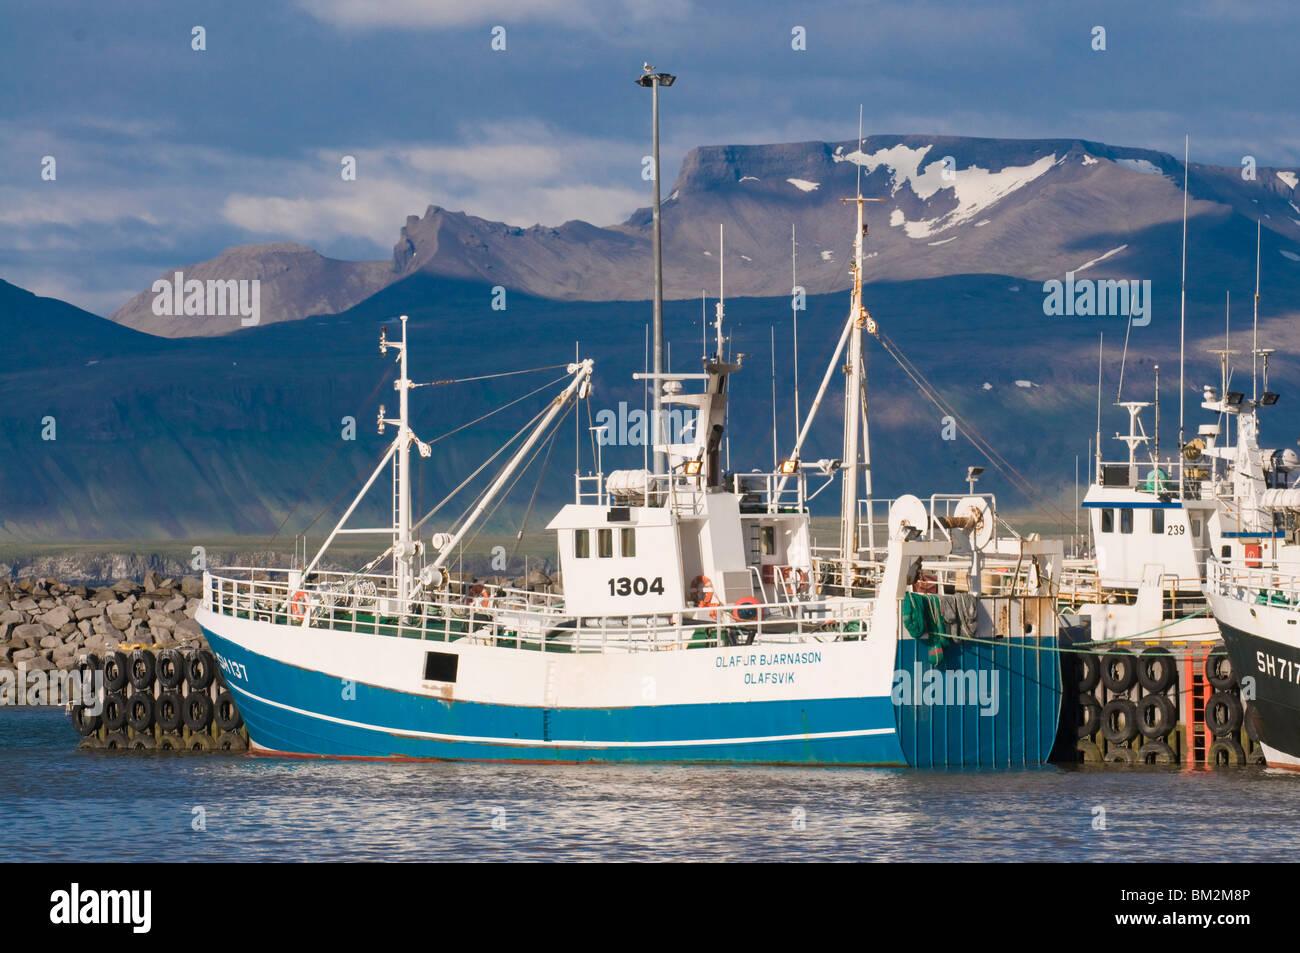 Pesca de arrastre acostado en el varadero de Olavsvik, oeste de Islandia, las regiones polares Foto de stock